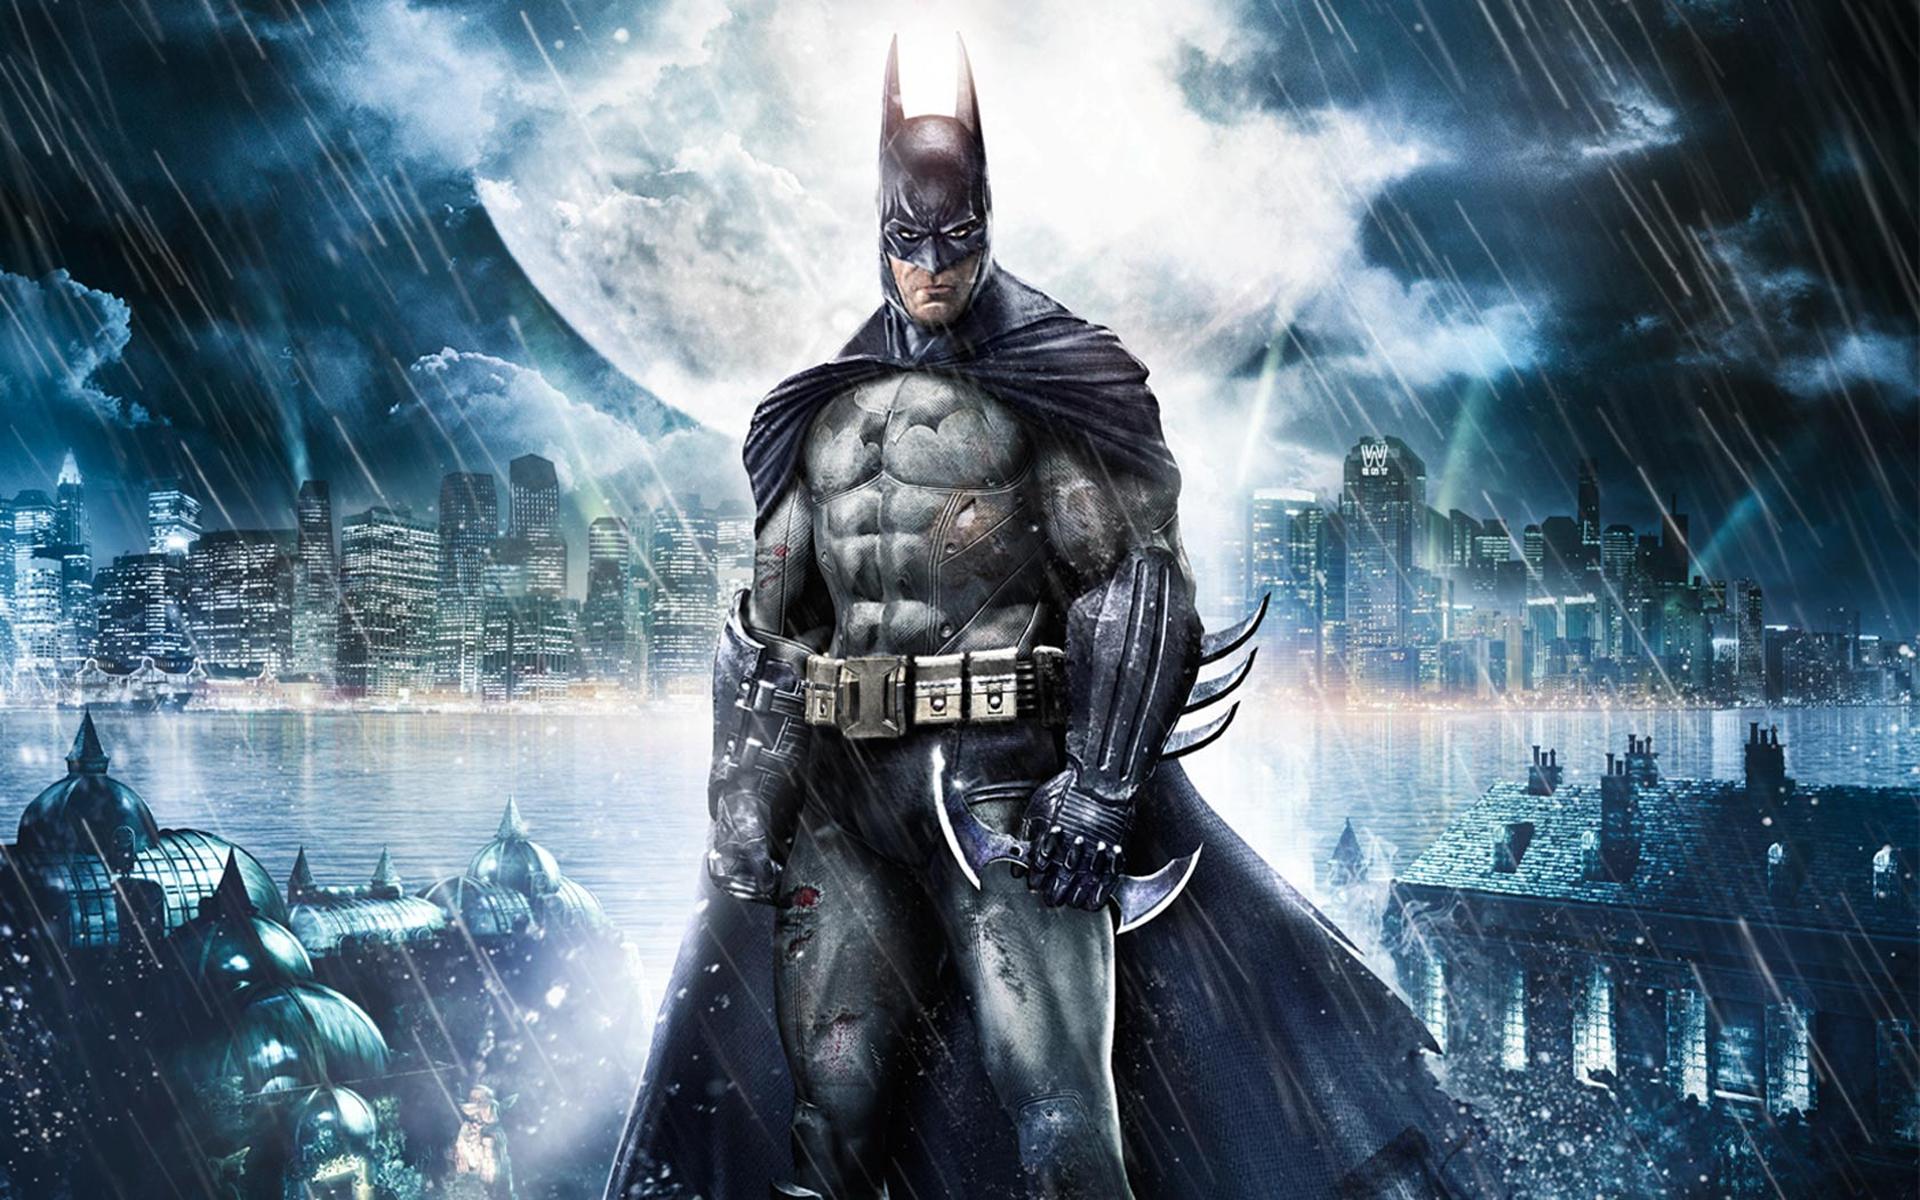 Batman Arkham Asylum desktop wallpaper 1920x1200